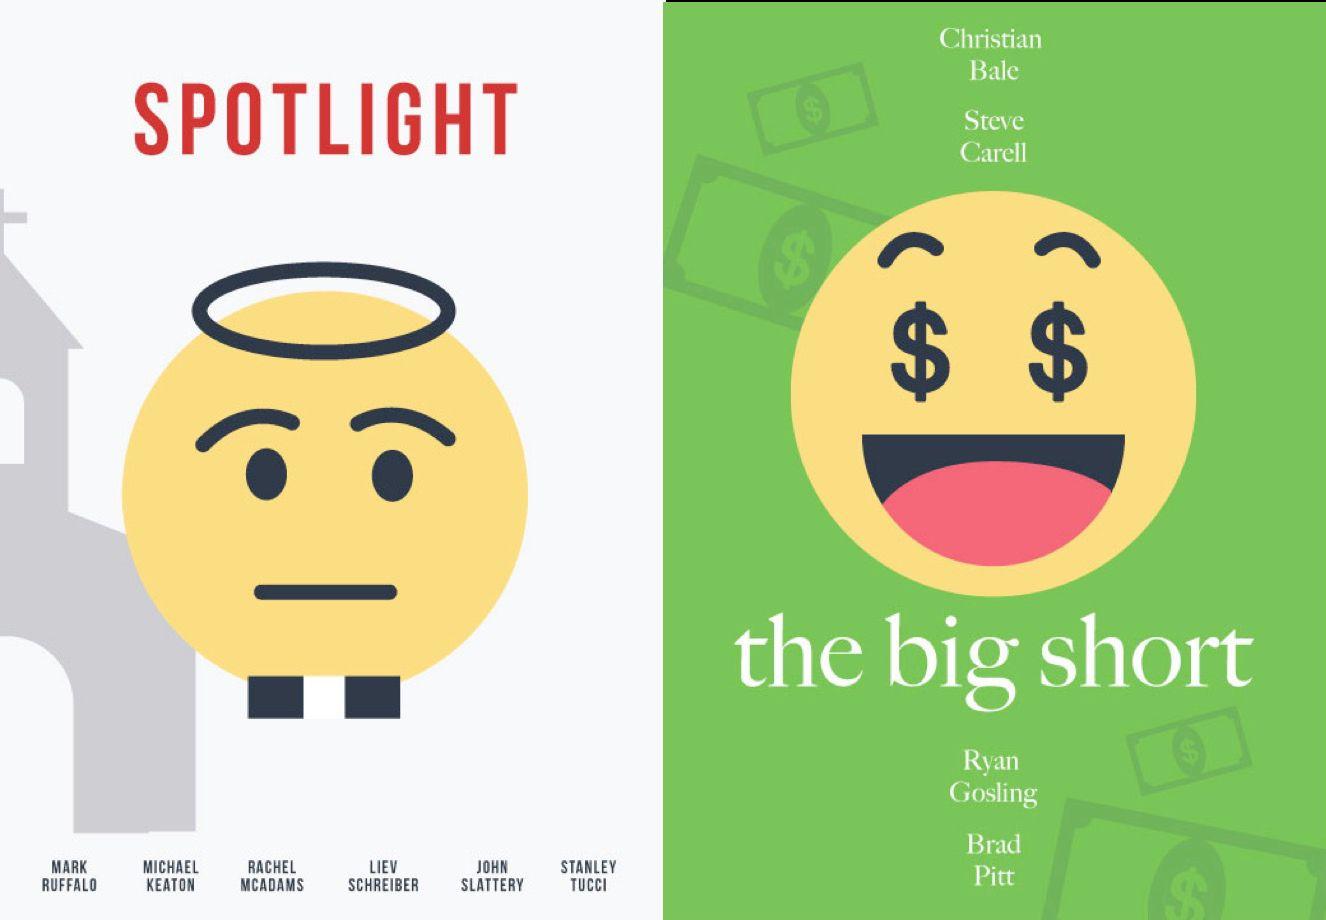 Spotlight - The Big Short